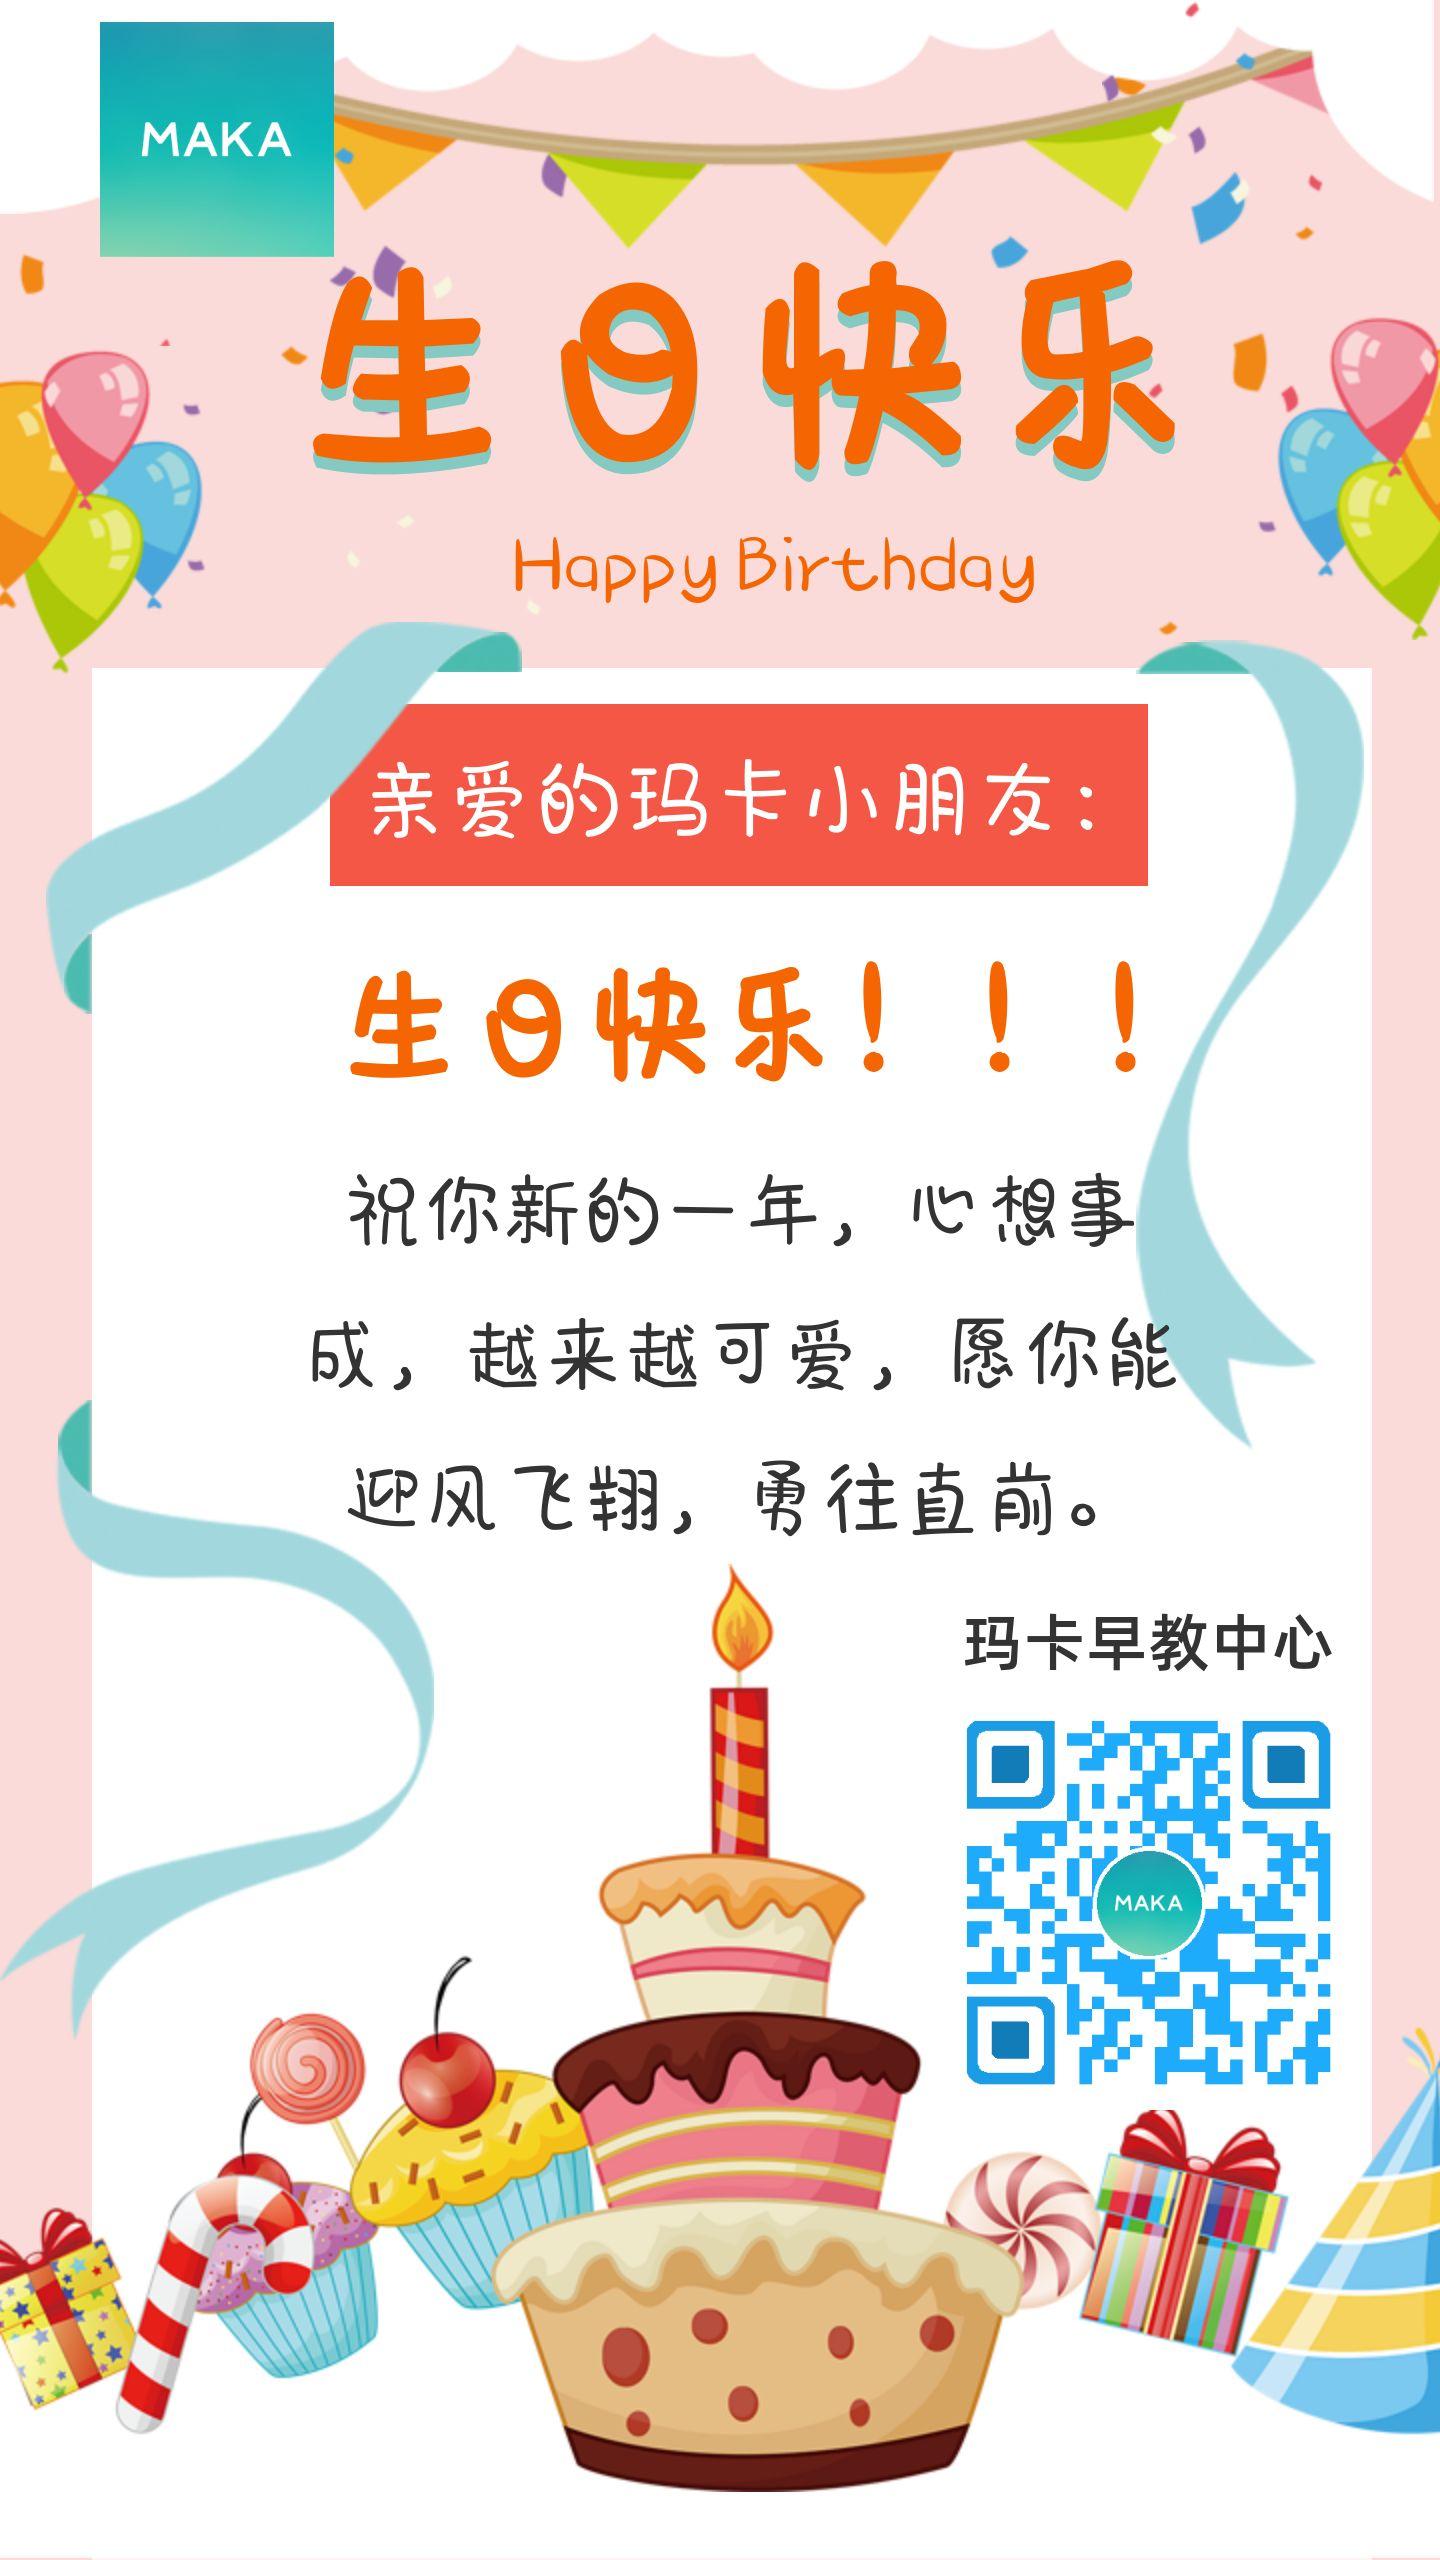 粉色卡通插画风早教教育机构生日快乐庆祝海报